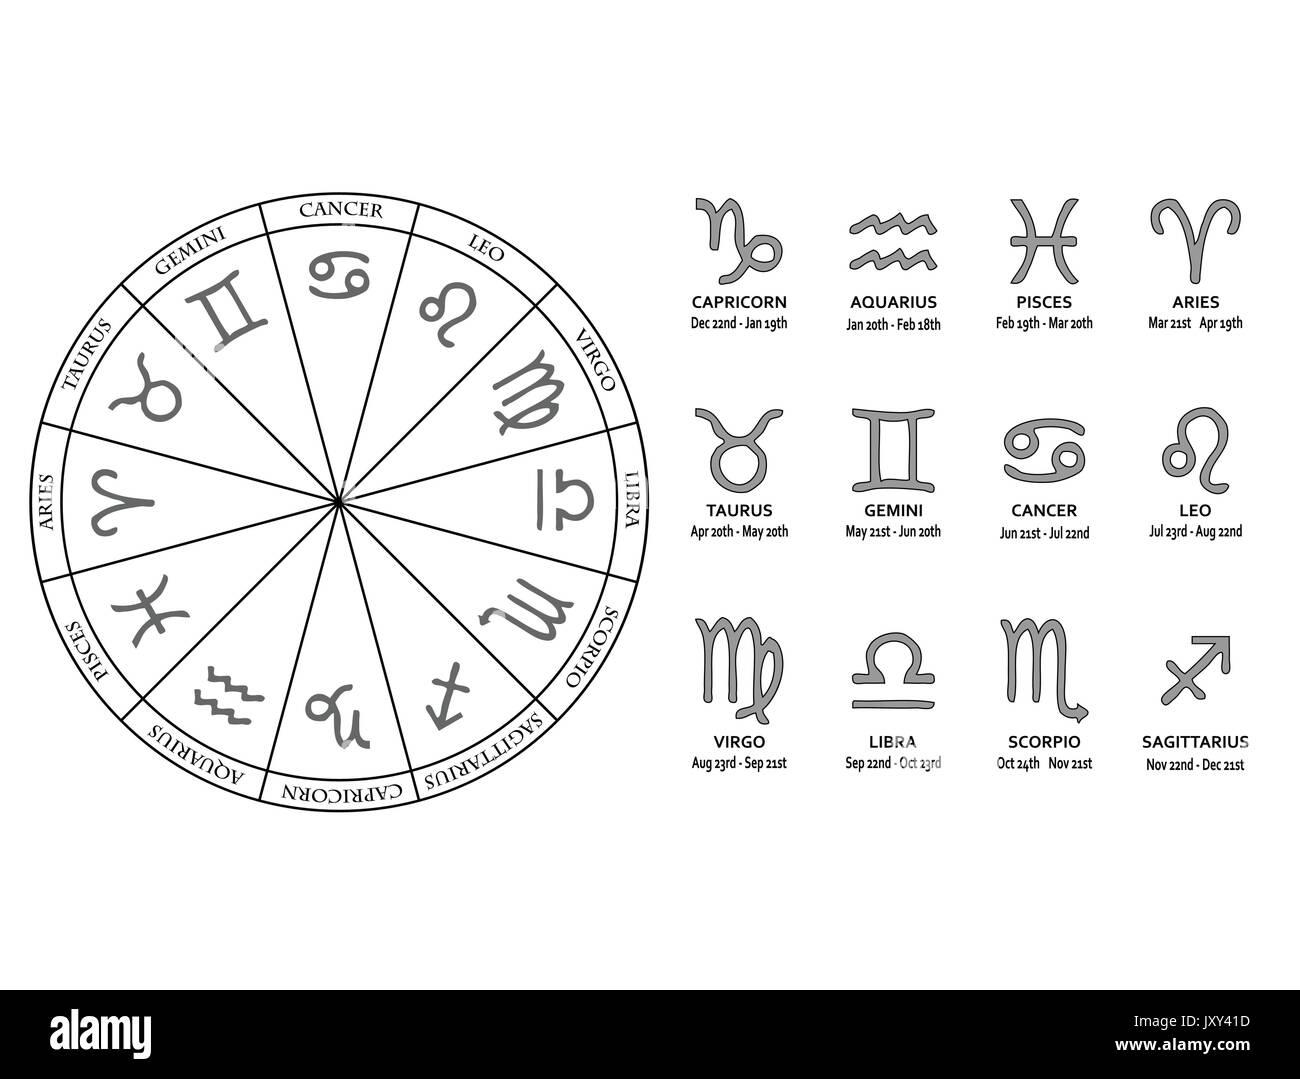 Zodiac horoscope star sign symbols and dates vector Stock